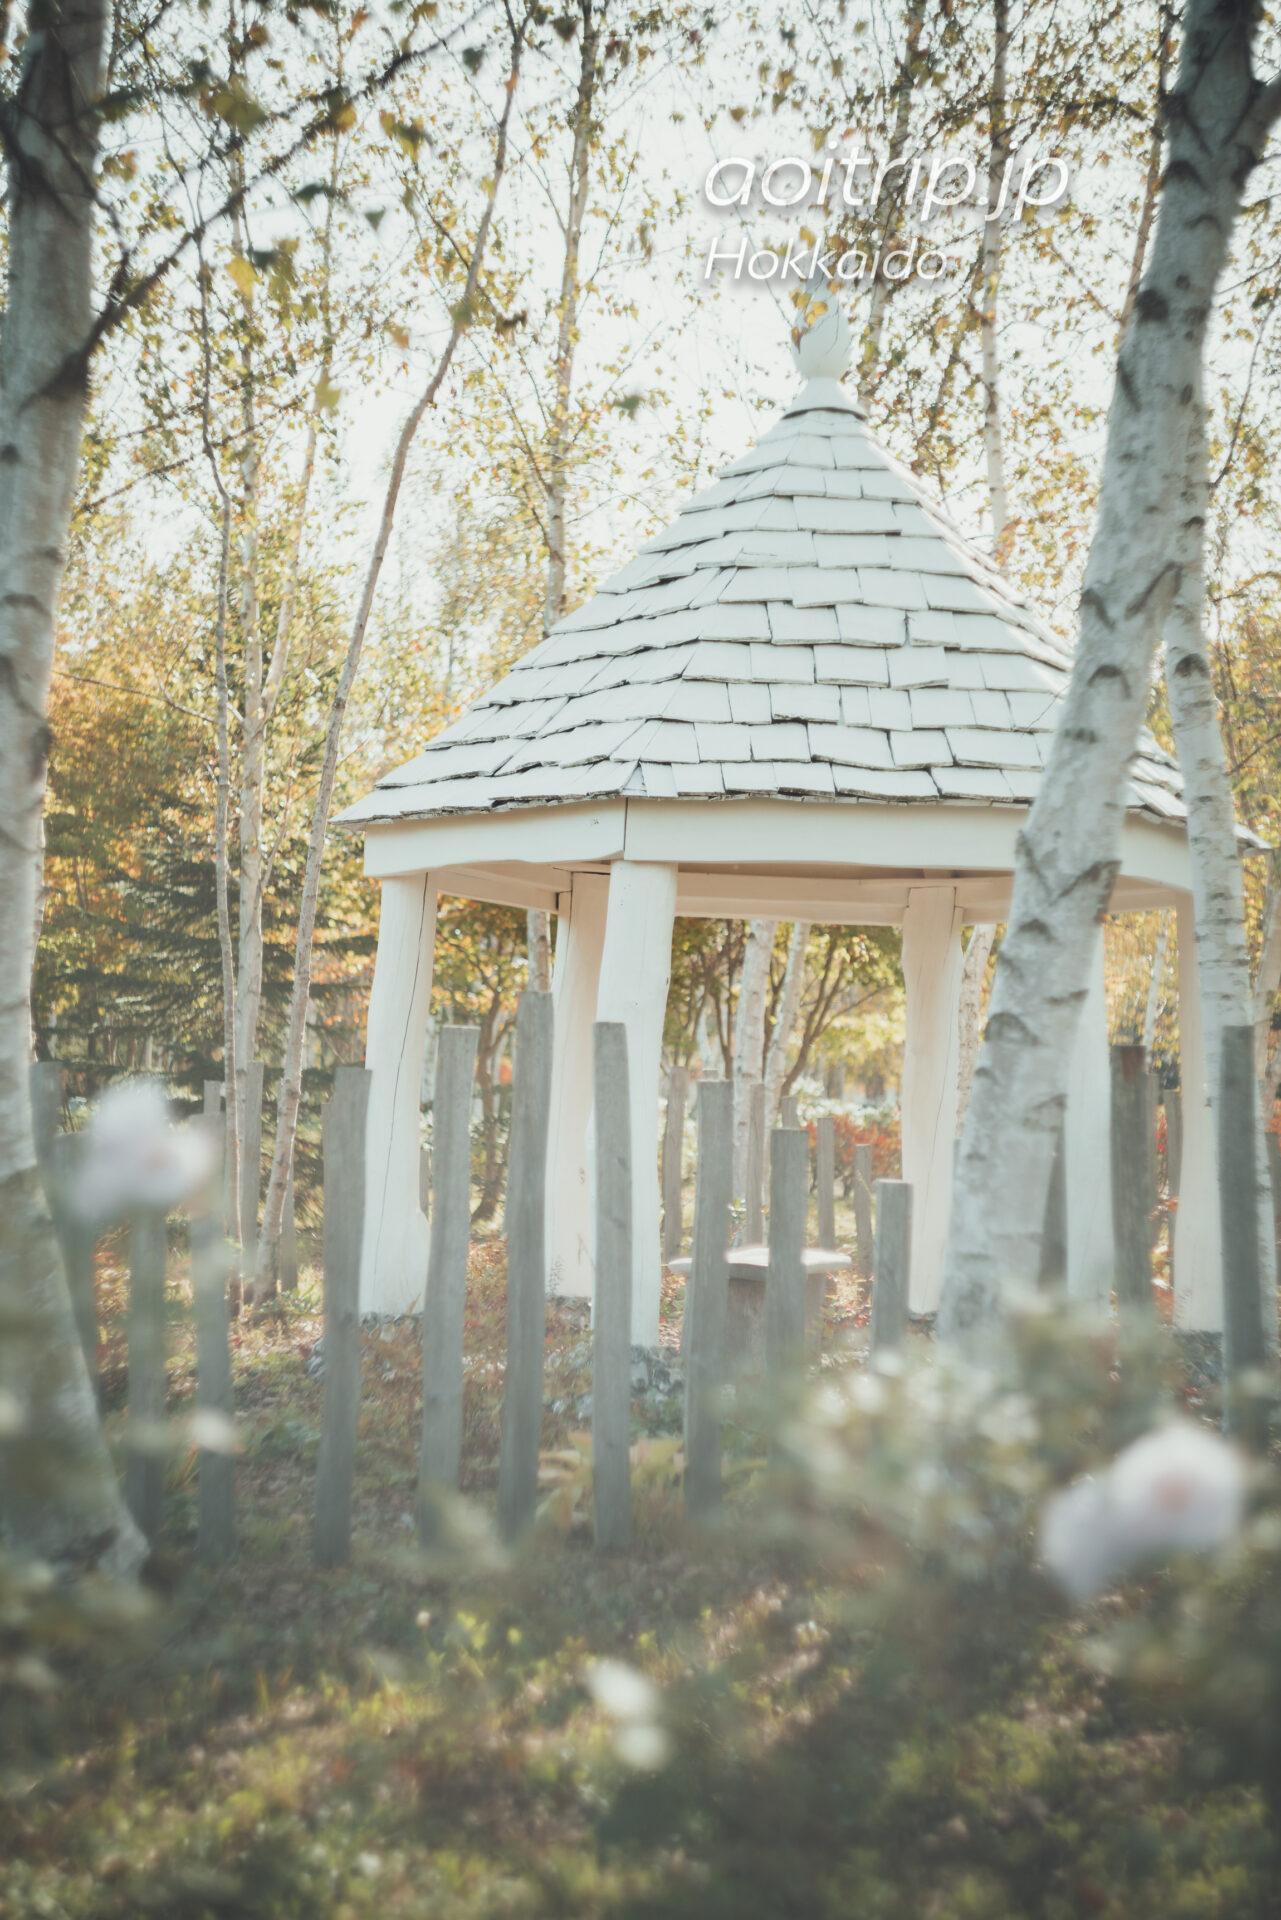 えこりん村 Ecorin Village 銀河庭園のブラック&ホワイトガーデン